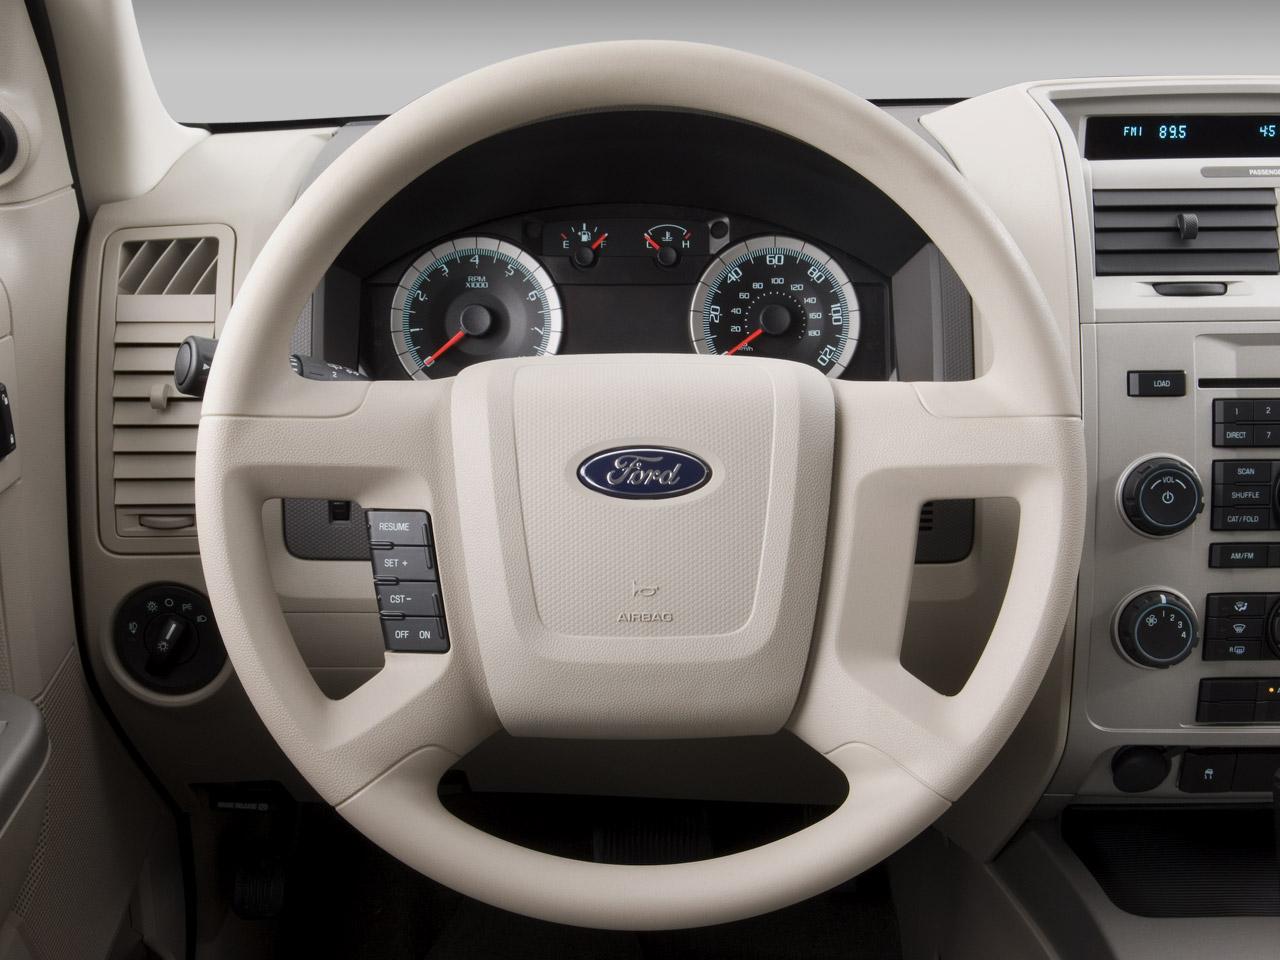 2008 Ford Escape Review Automobile Magazine